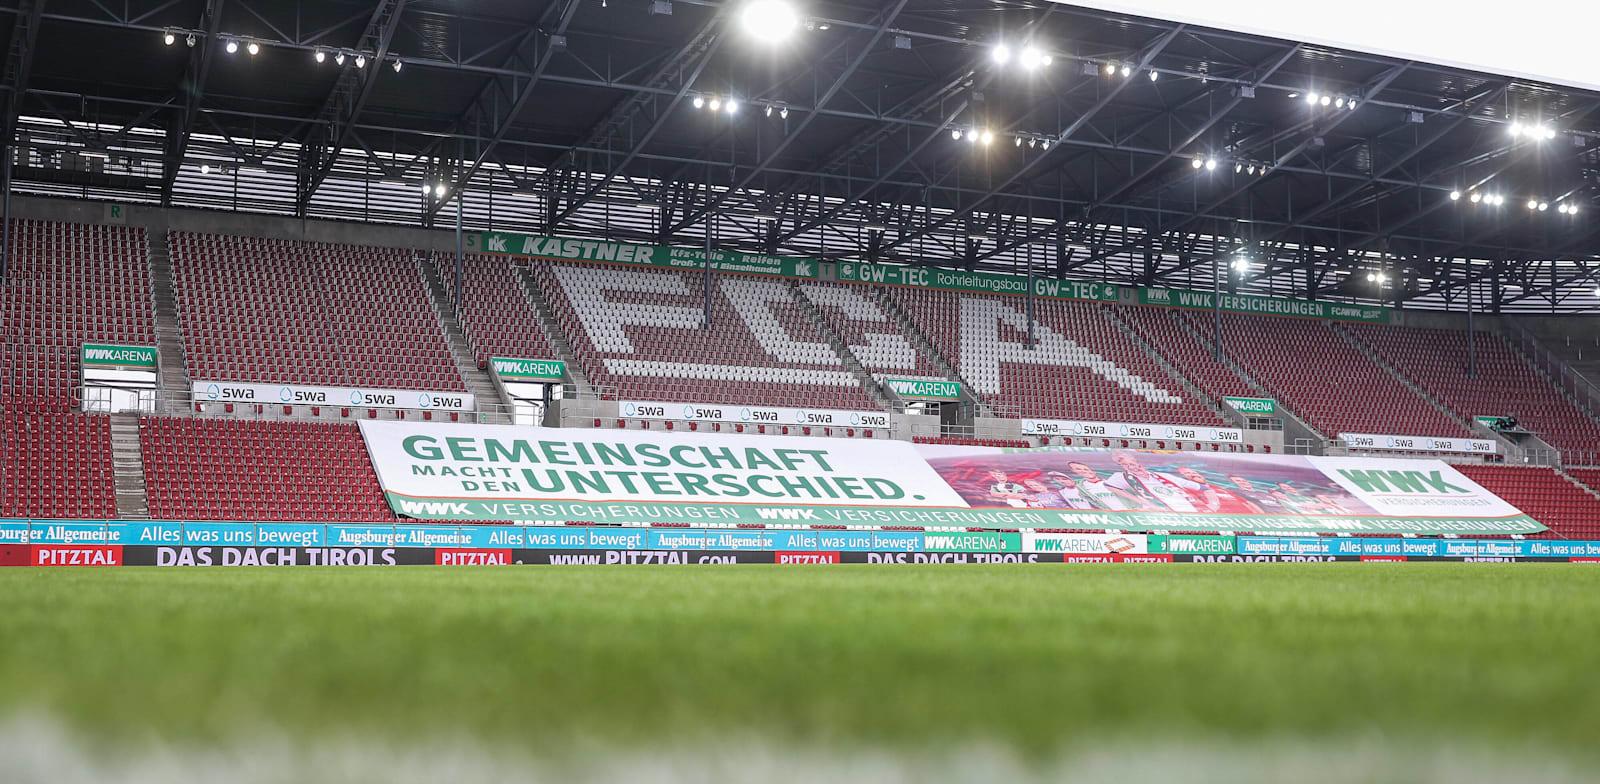 יציאים ריקים בליגה הגרמנית / צילום: Reuters, Tim Rehbein/RHR-FOTO